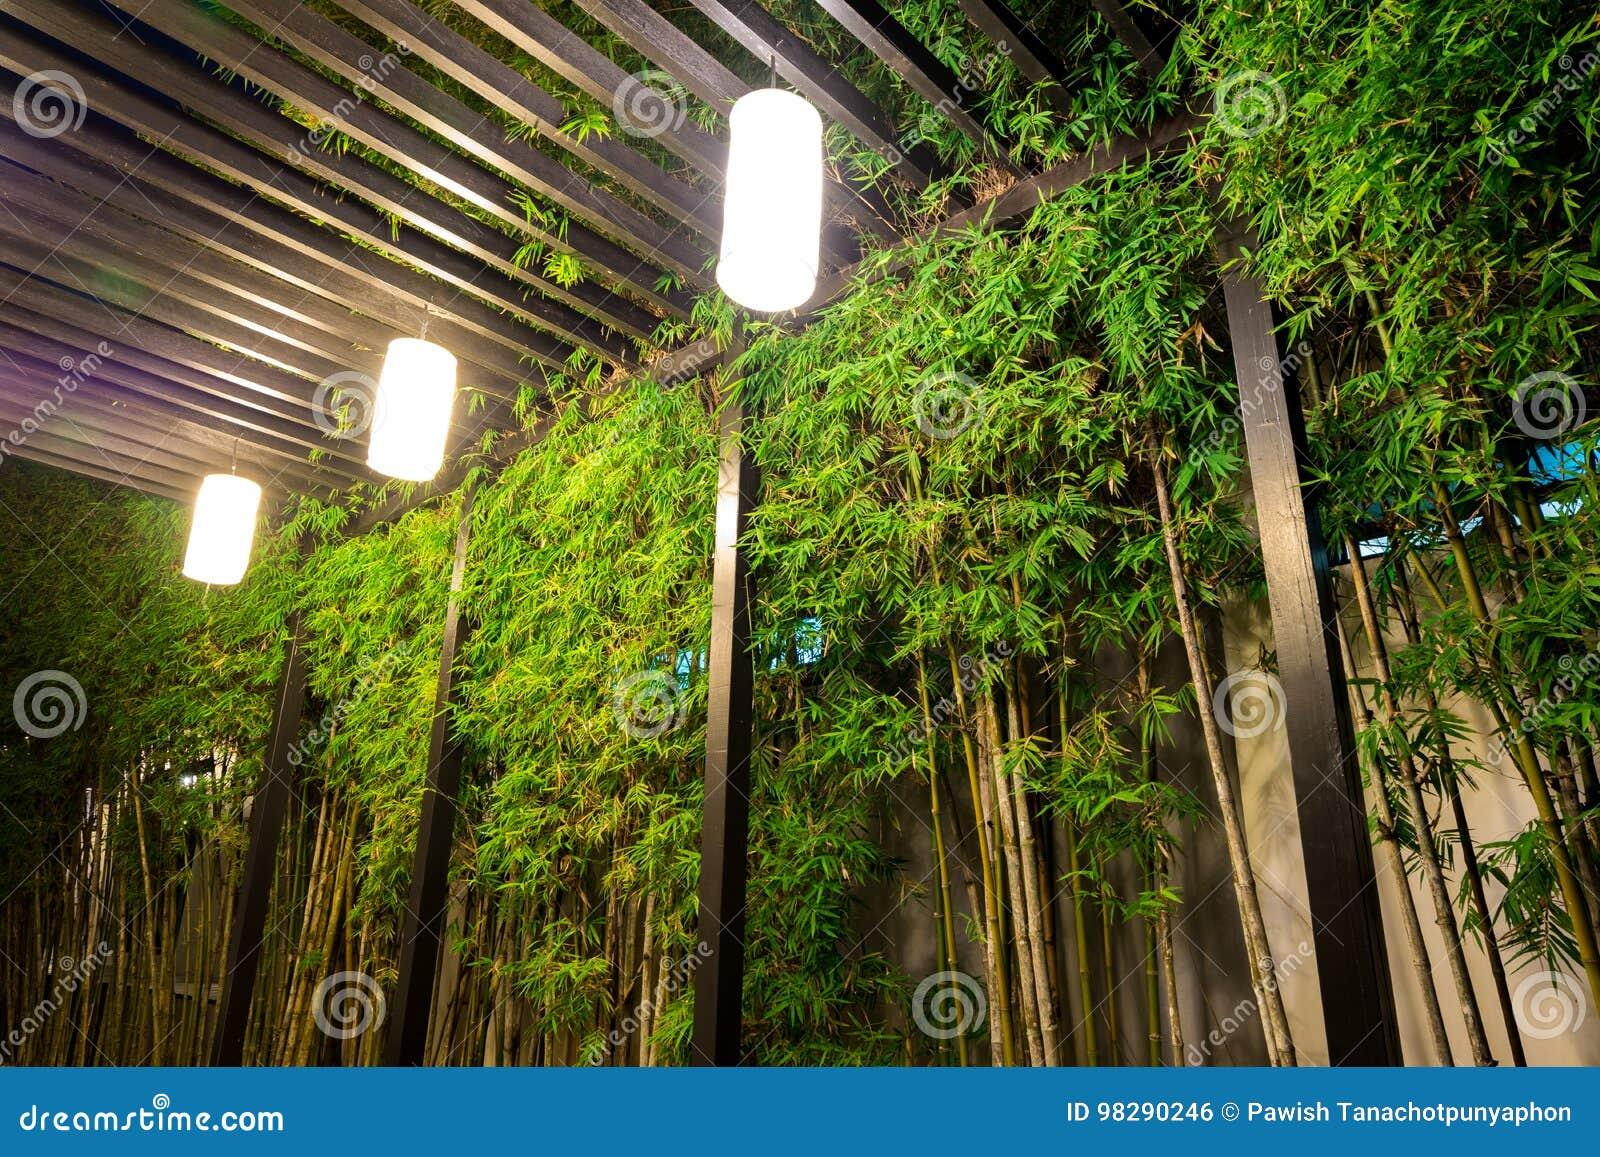 Illuminazione decorativa dentro il giardino di bambù alla notte